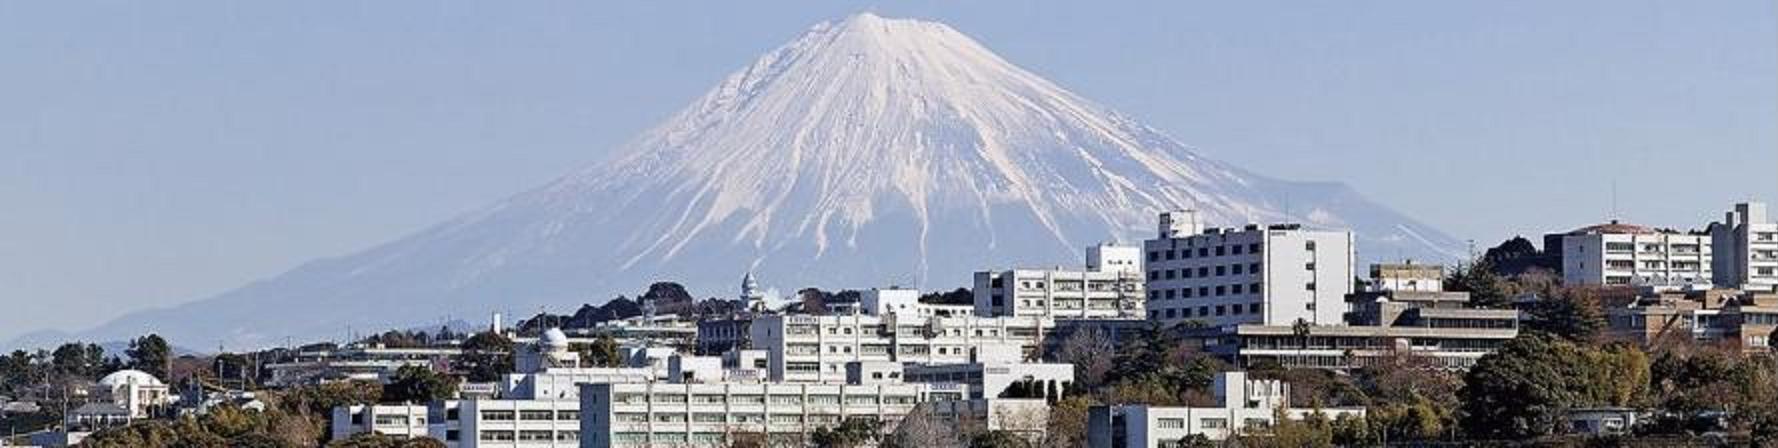 国立大学法人静岡大学 学長のブログ